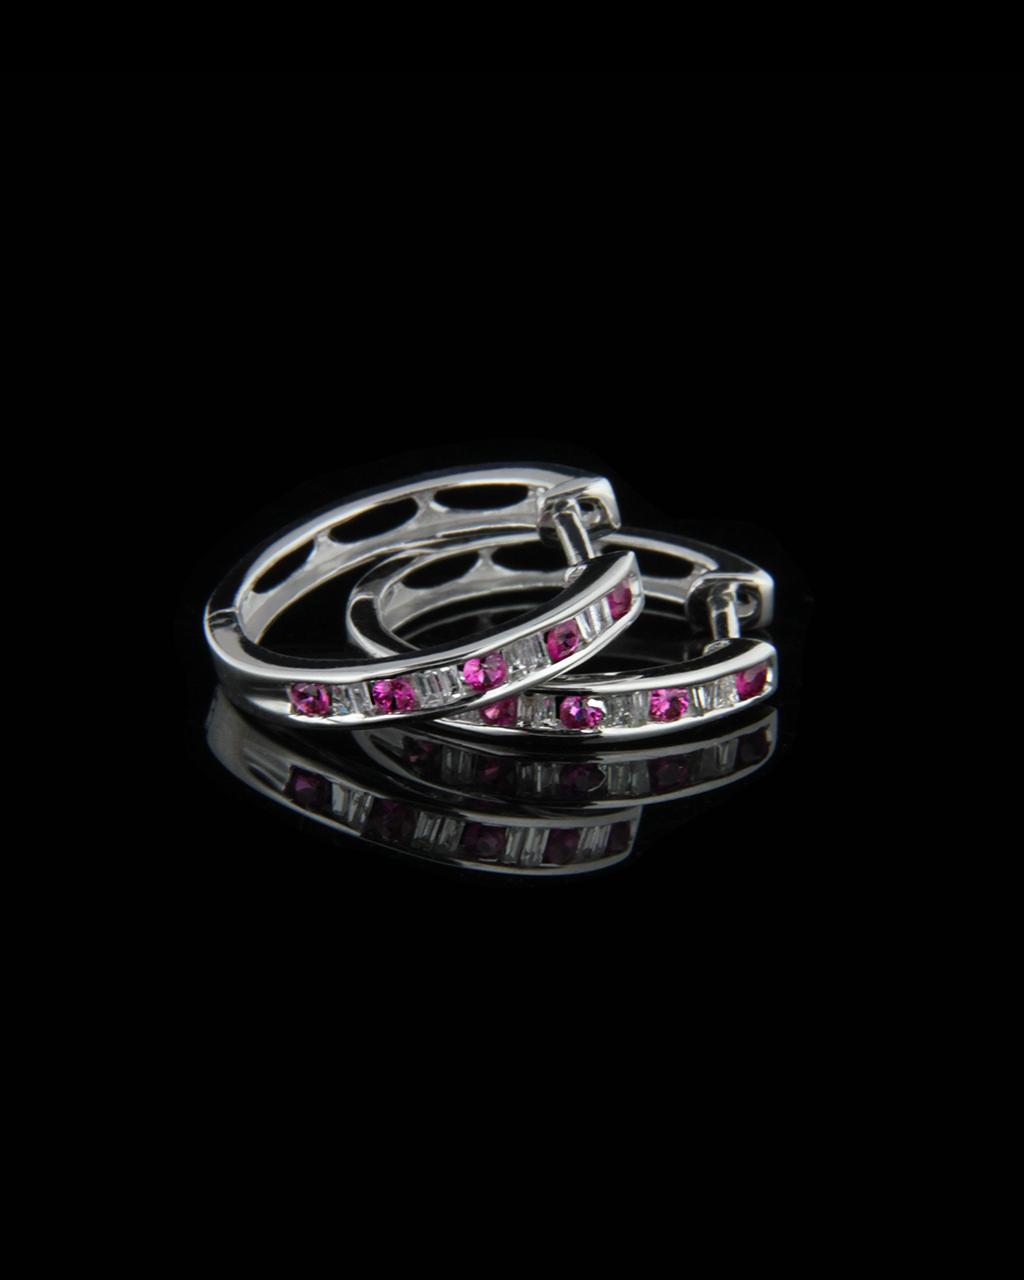 Σκουλαρίκια λευκόχρυσα Κ18 με Διαμάντια & Ρουμπίνια   γυναικα σκουλαρίκια σκουλαρίκια κρίκοι